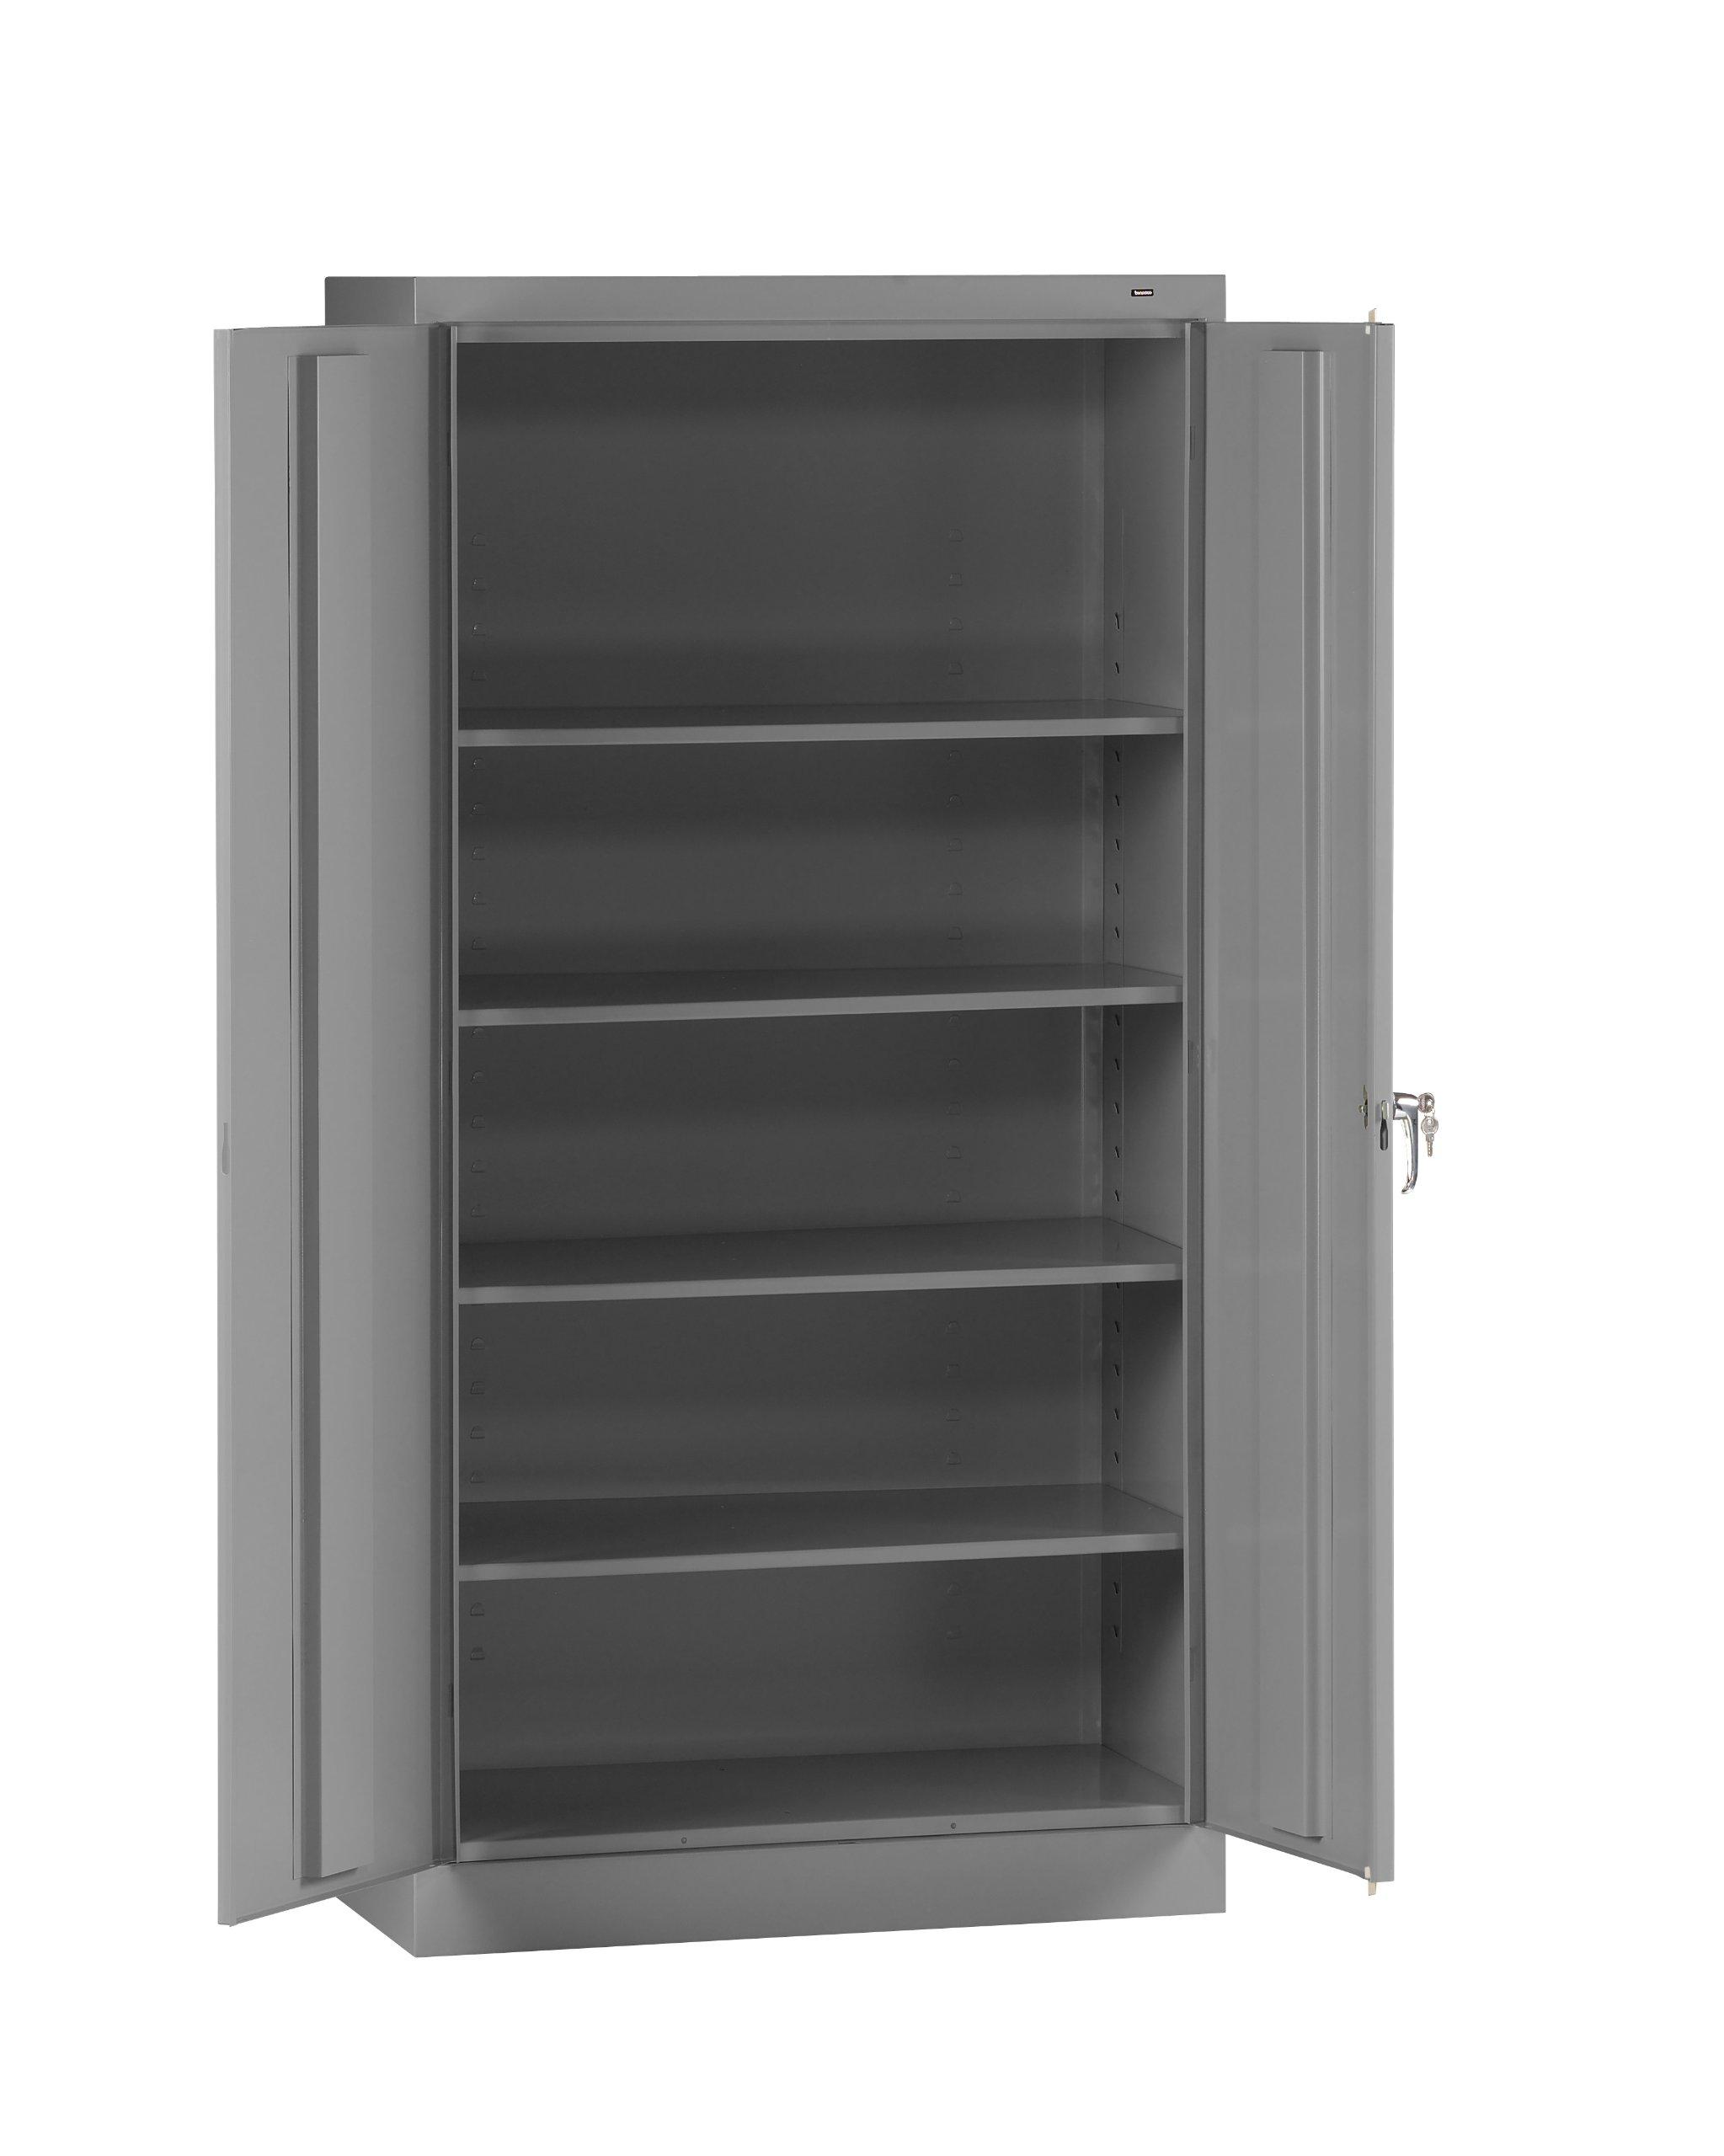 Tennsco 7218 24 Gauge Steel Standard Welded Storage Cabinet, 4 Shelves, 150 lbs Capacity per Shelf, 36'' Width x 72'' Height x 18'' Depth, Medium Grey